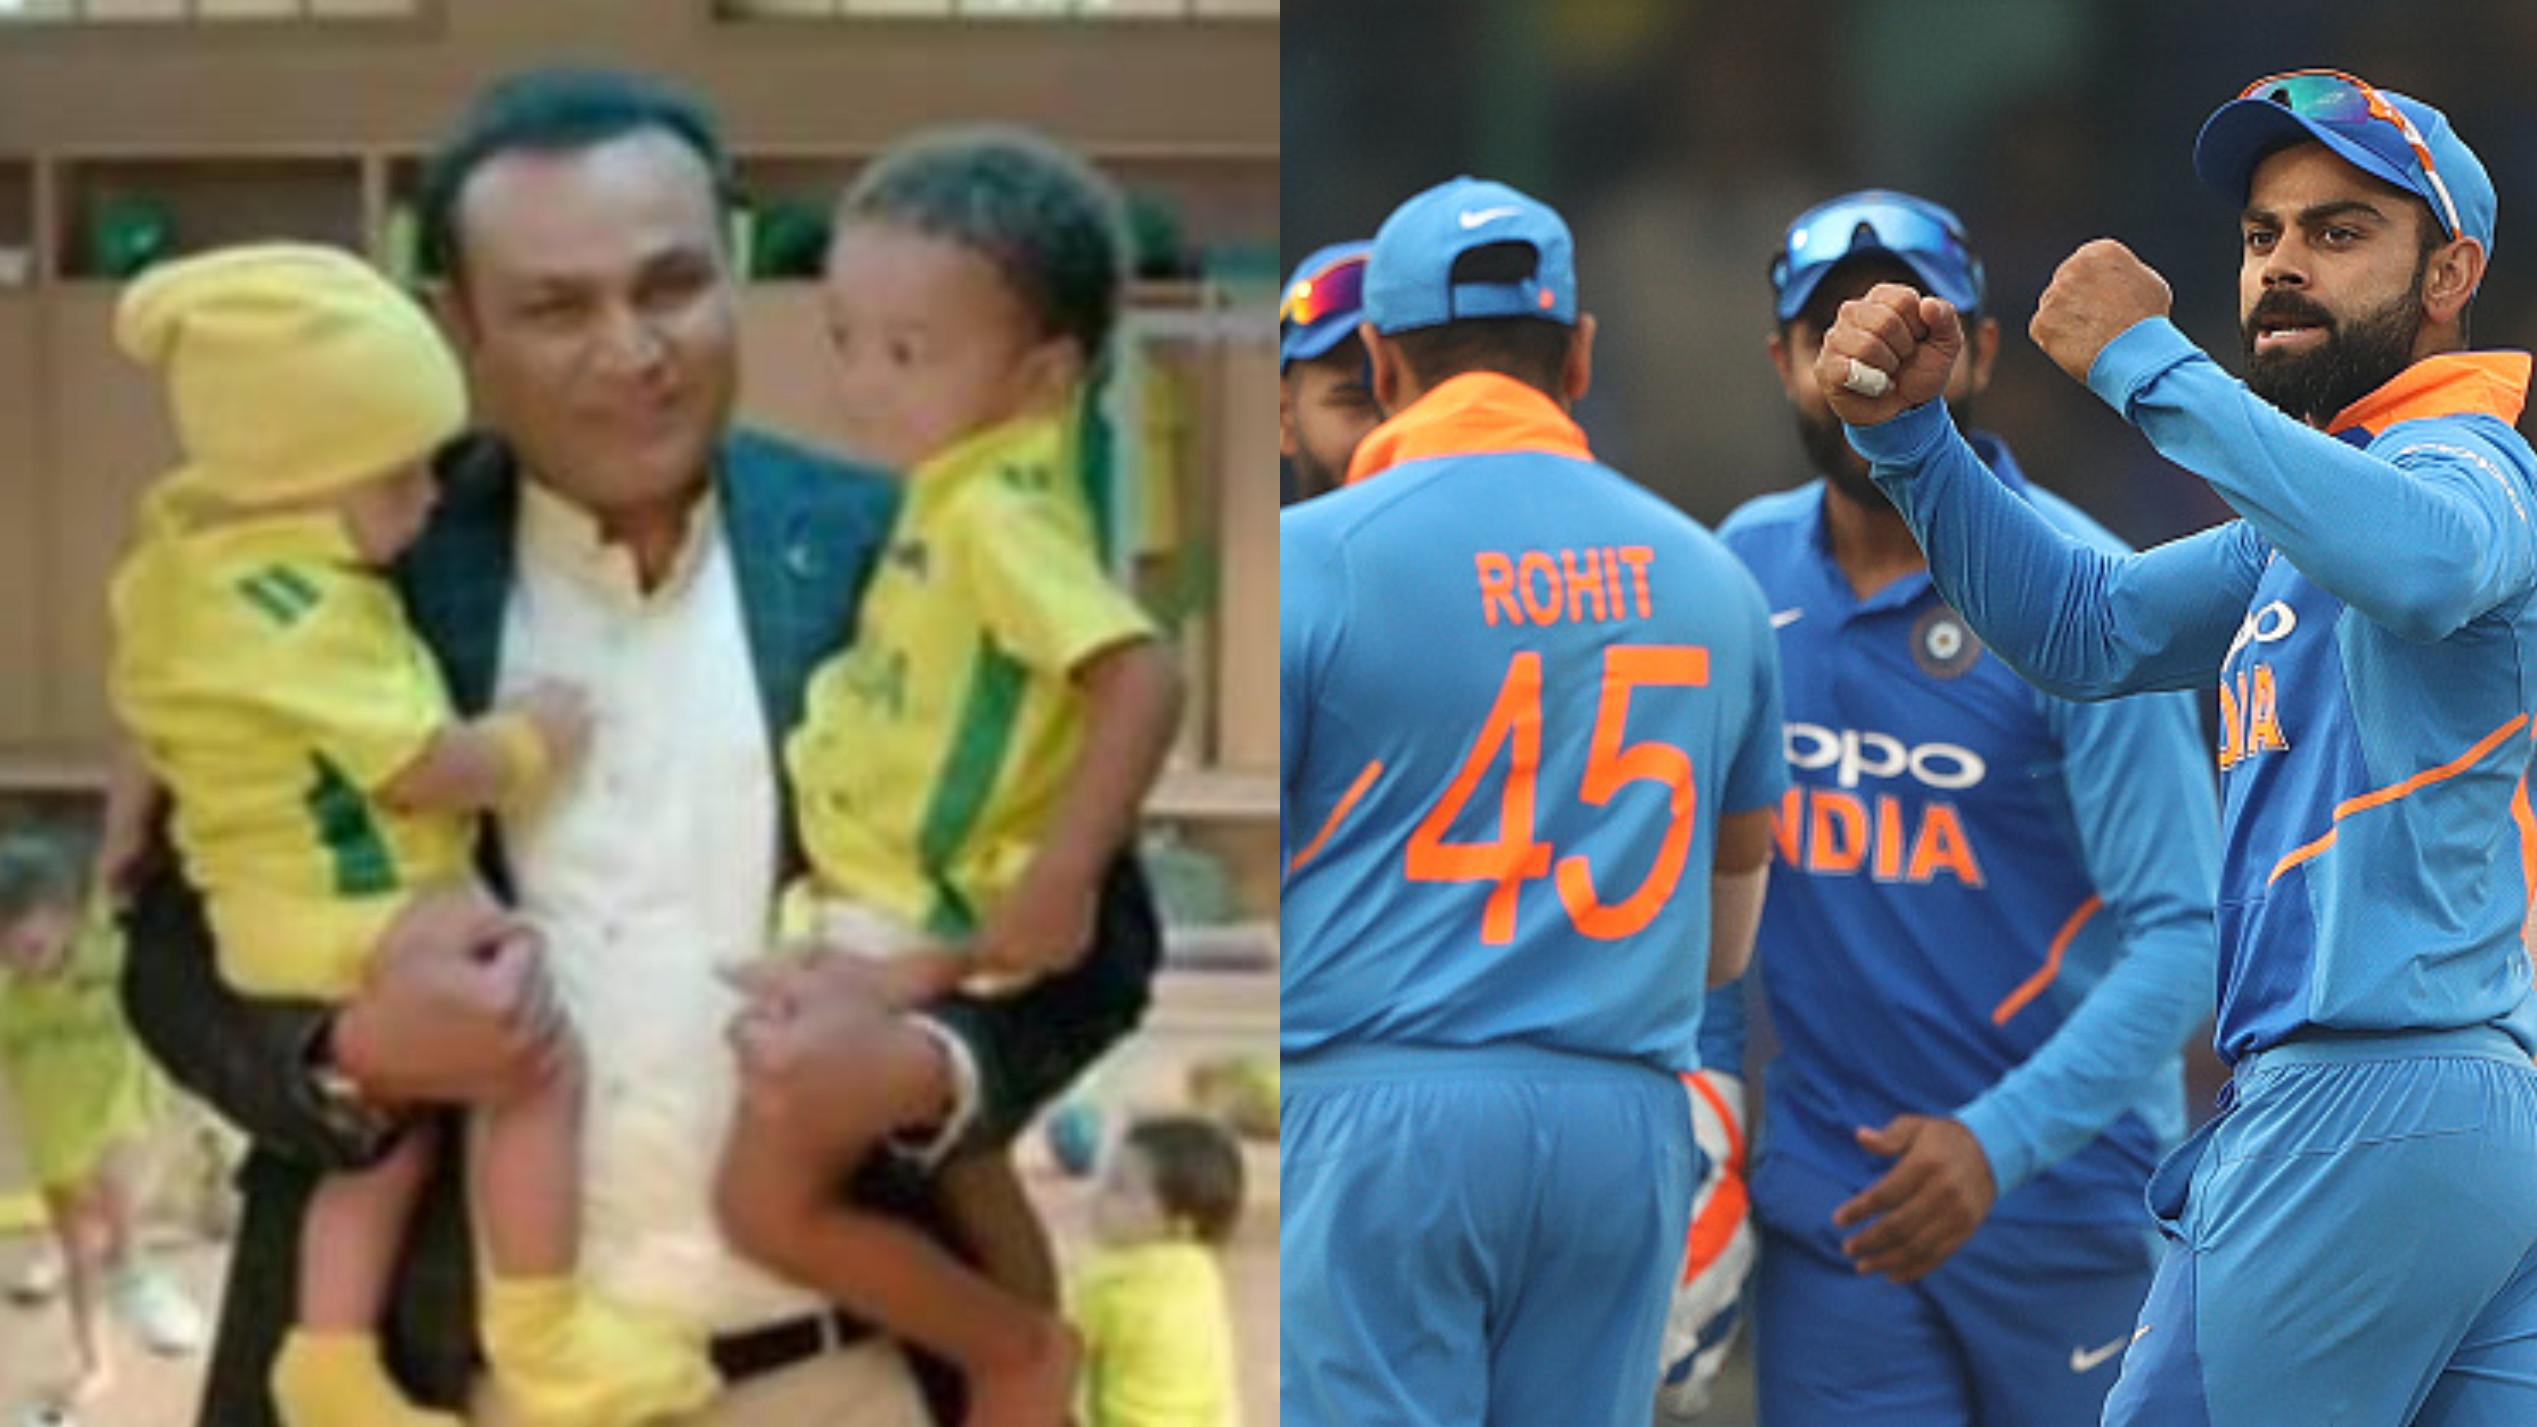 टीम इंडिया की हार के बाद वीरेंद्र सहवाग के बेबी-सिटिंग वाले विज्ञापन का जमकर उड़ा मज़ाक